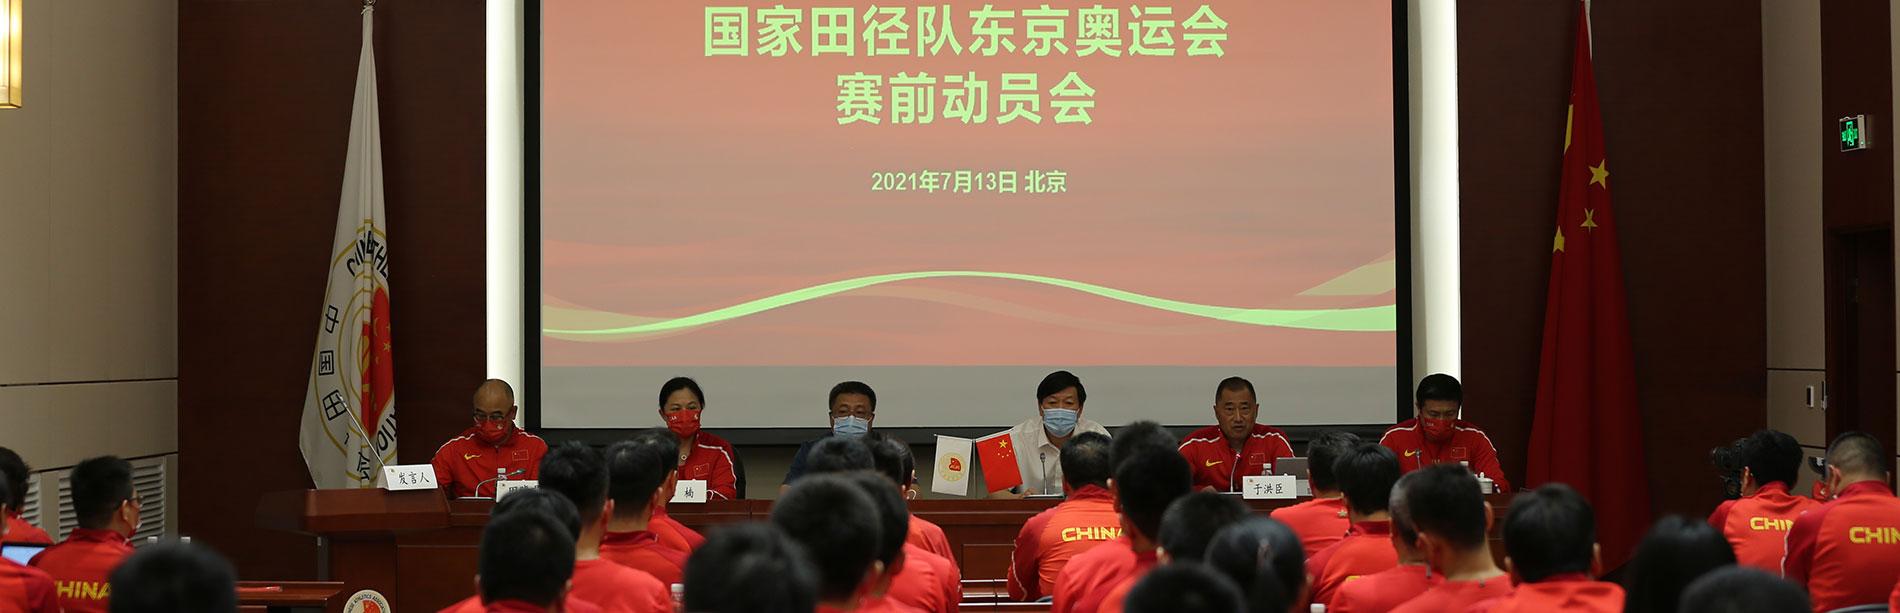 为祖国而战!国家田径队召开东京奥运会赛前动员会